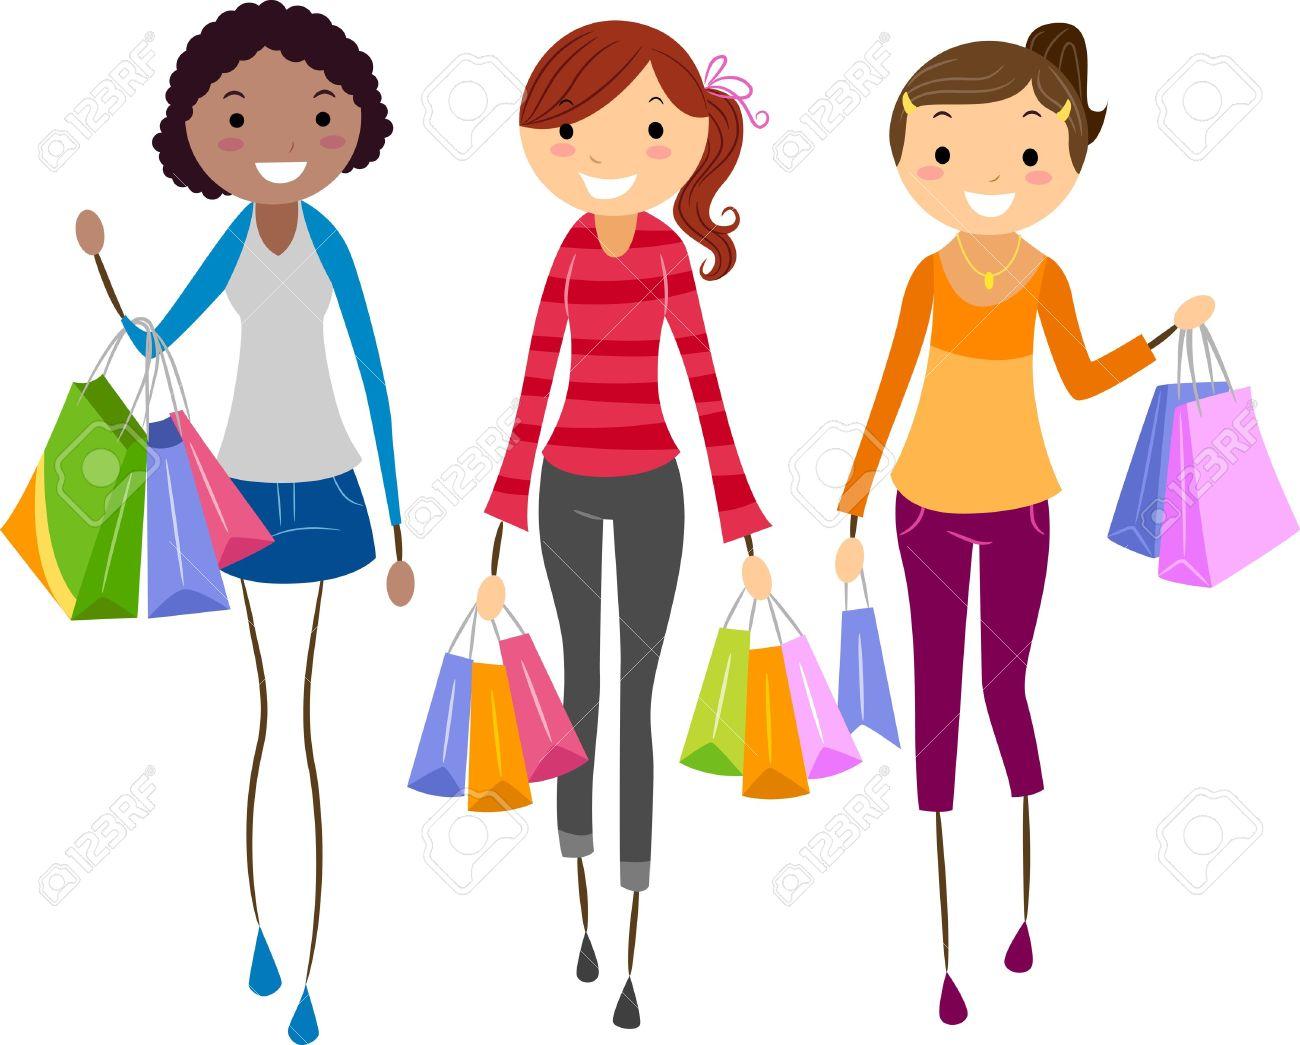 Image result for shopper cartoon